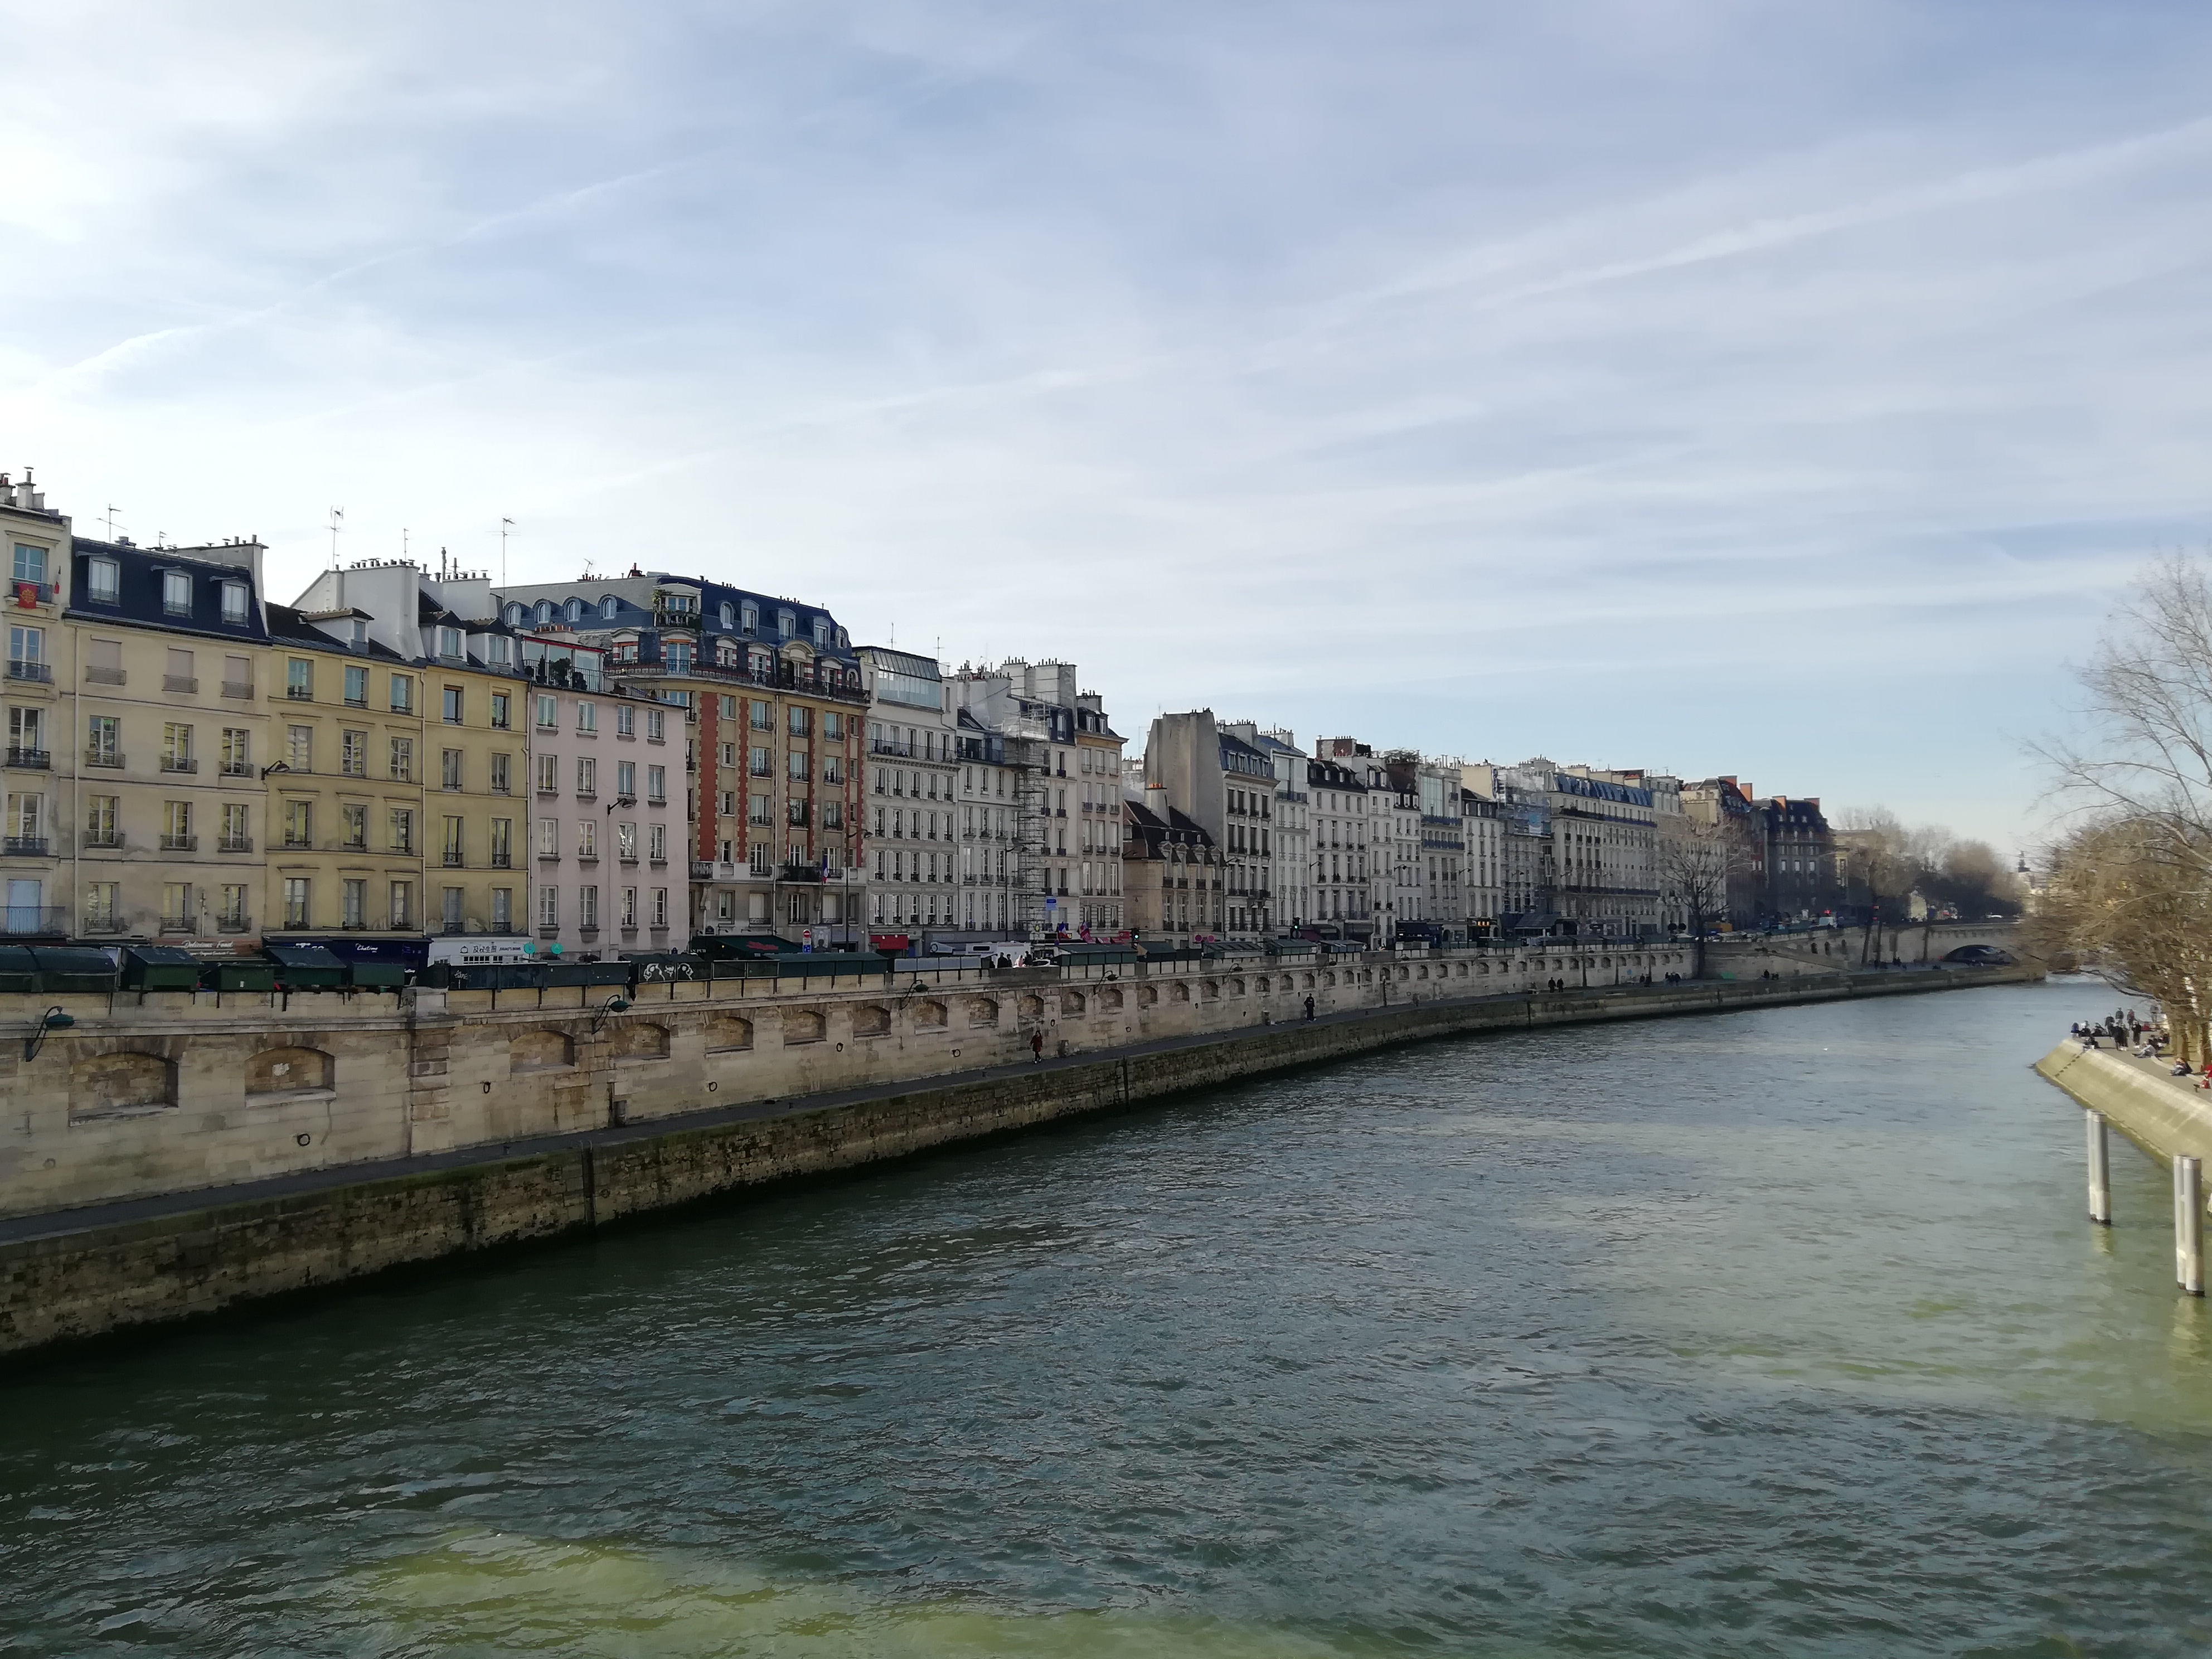 Fluss Seine Paris Frankreich, Flusswehr mit Haussmannischen Fassaden, Herbstwetter ohne Wolken, Wasserfarbe grün bis dunkelgrün bei Schatten.